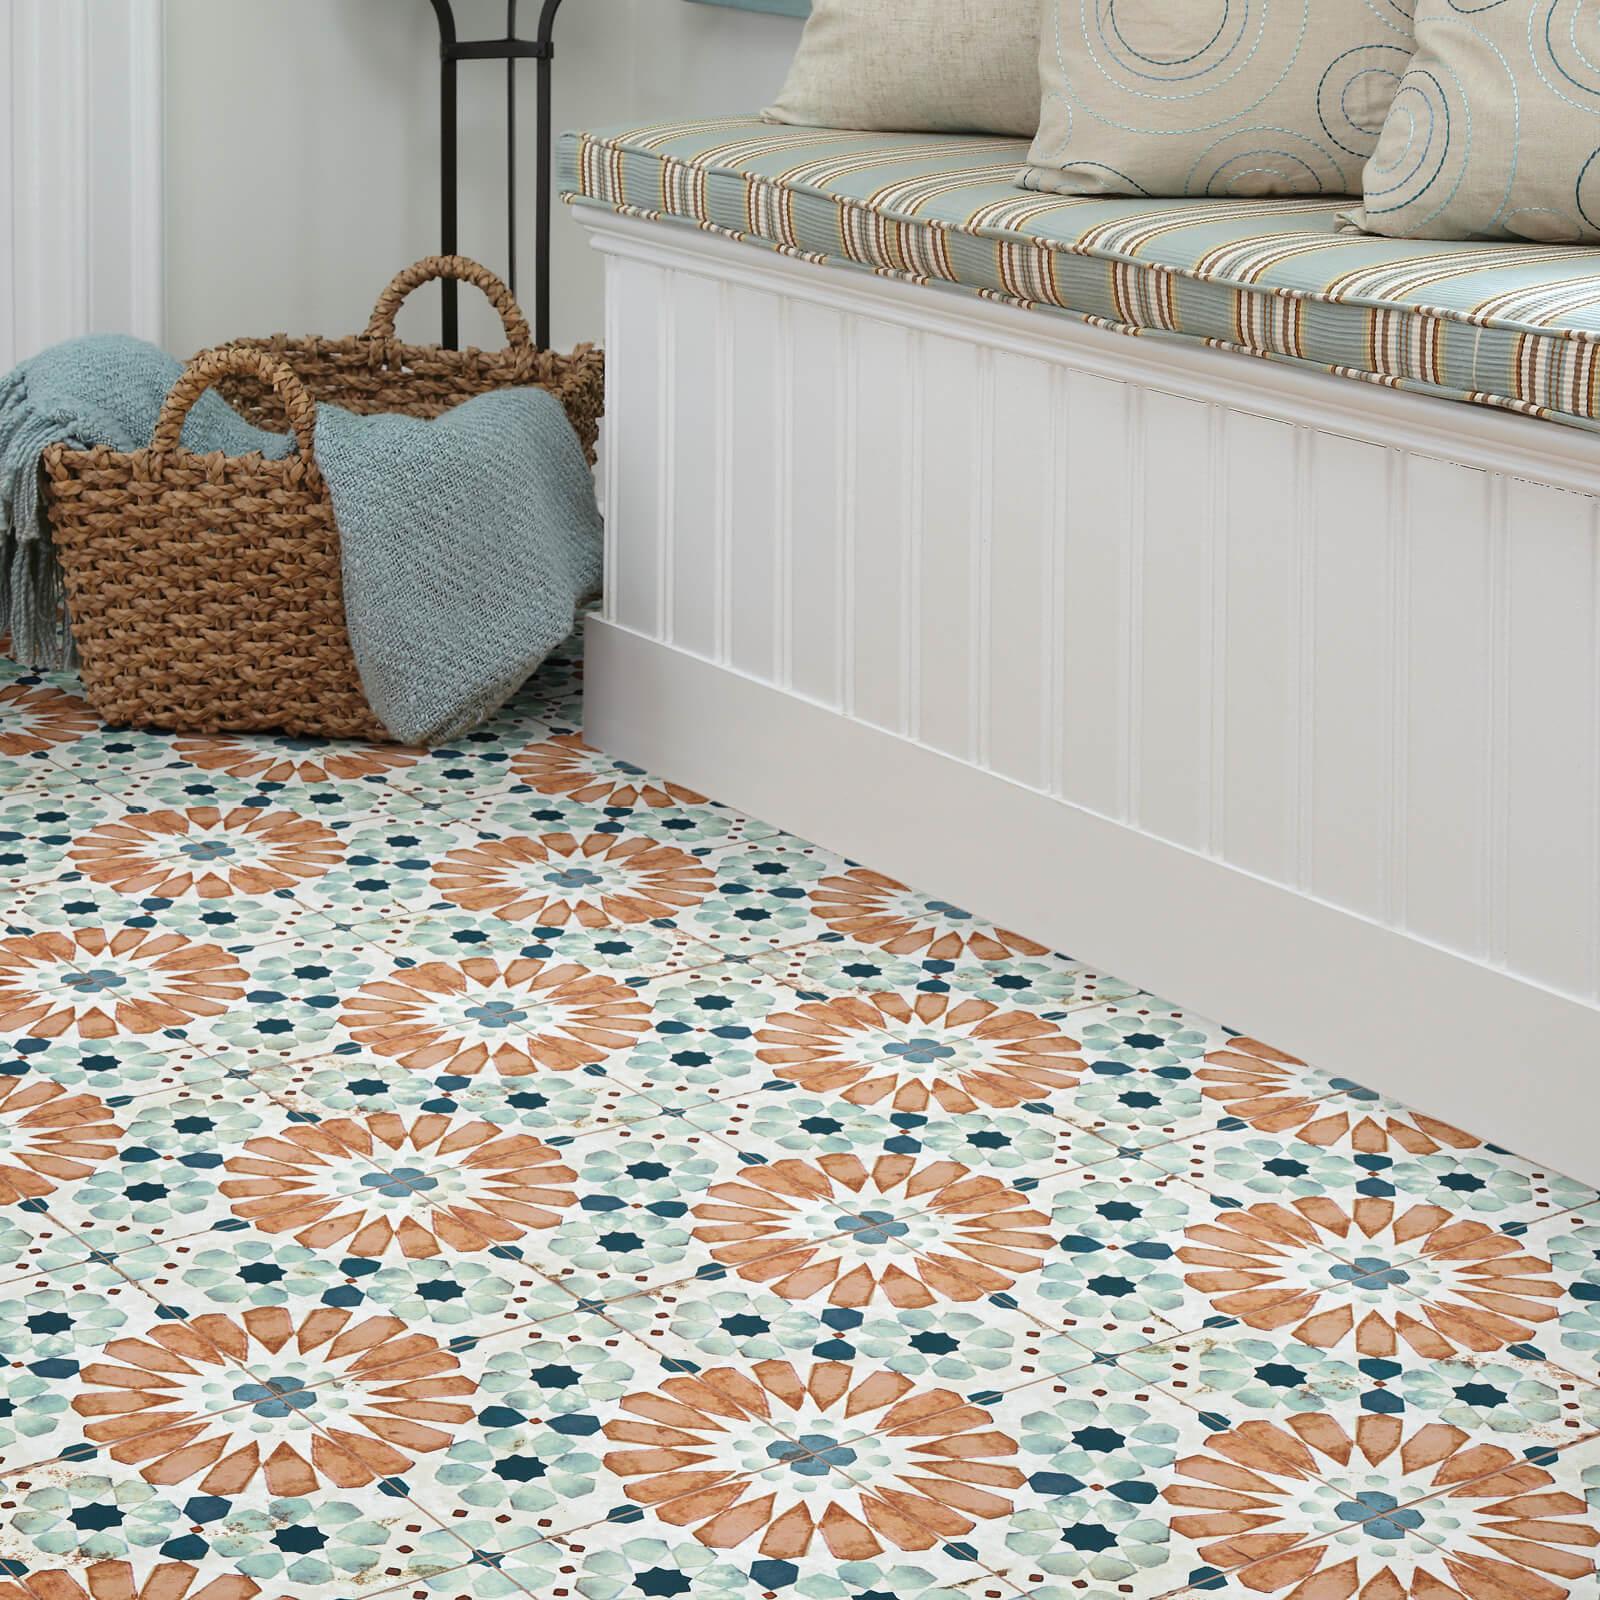 Explore Tile Styles | O'Krent Floors